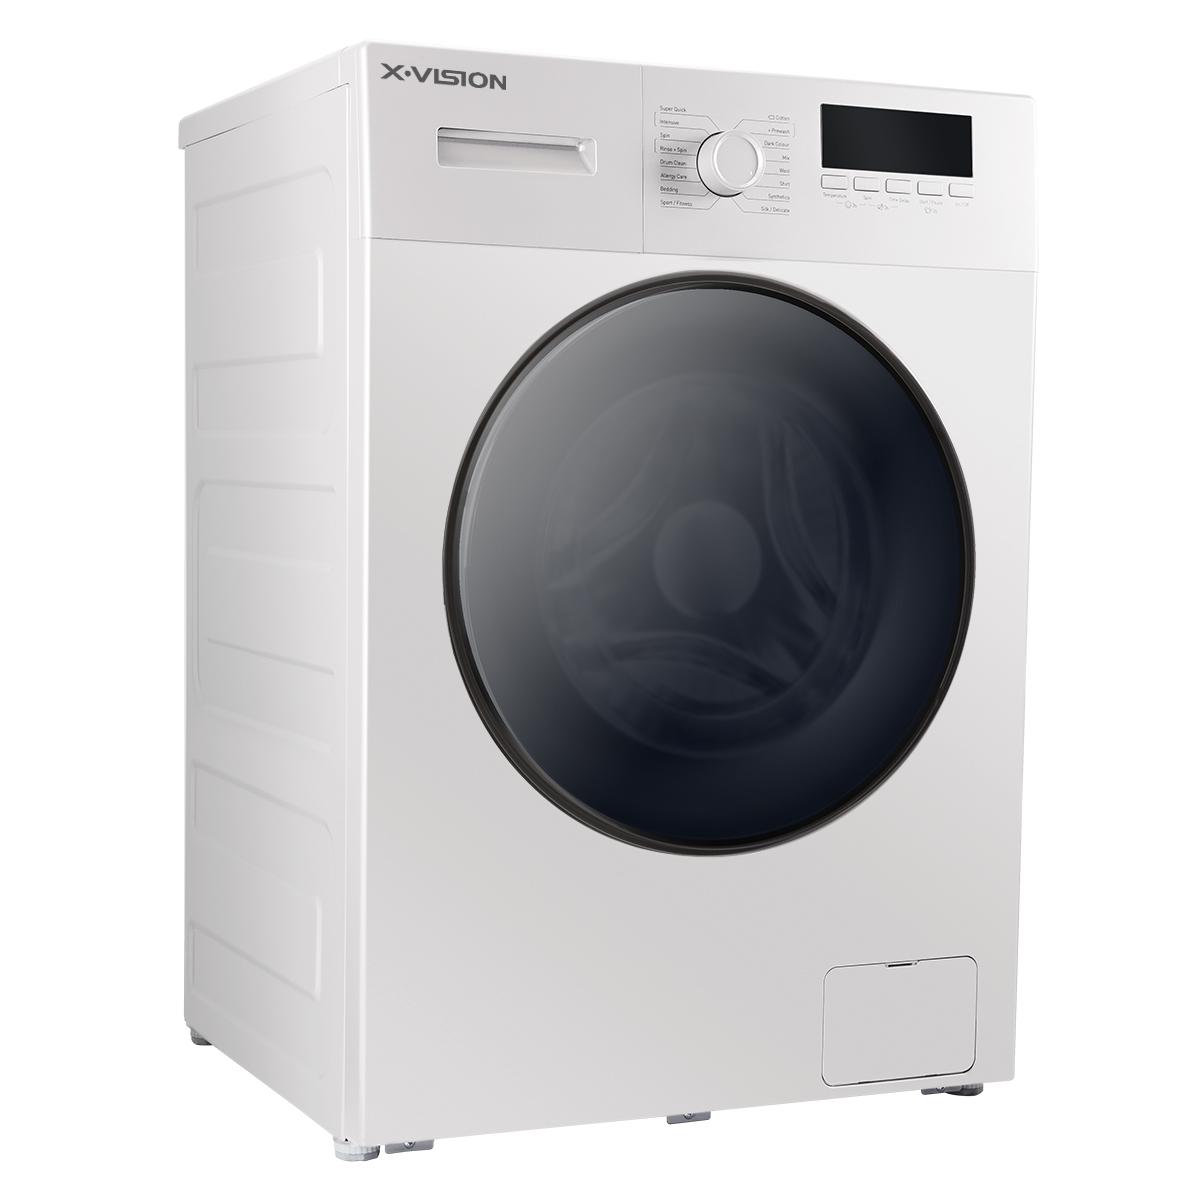 ماشین لباسشویی ایکس ویژن مدل TE72-AW/AS ظرفیت 7 کیلوگرم